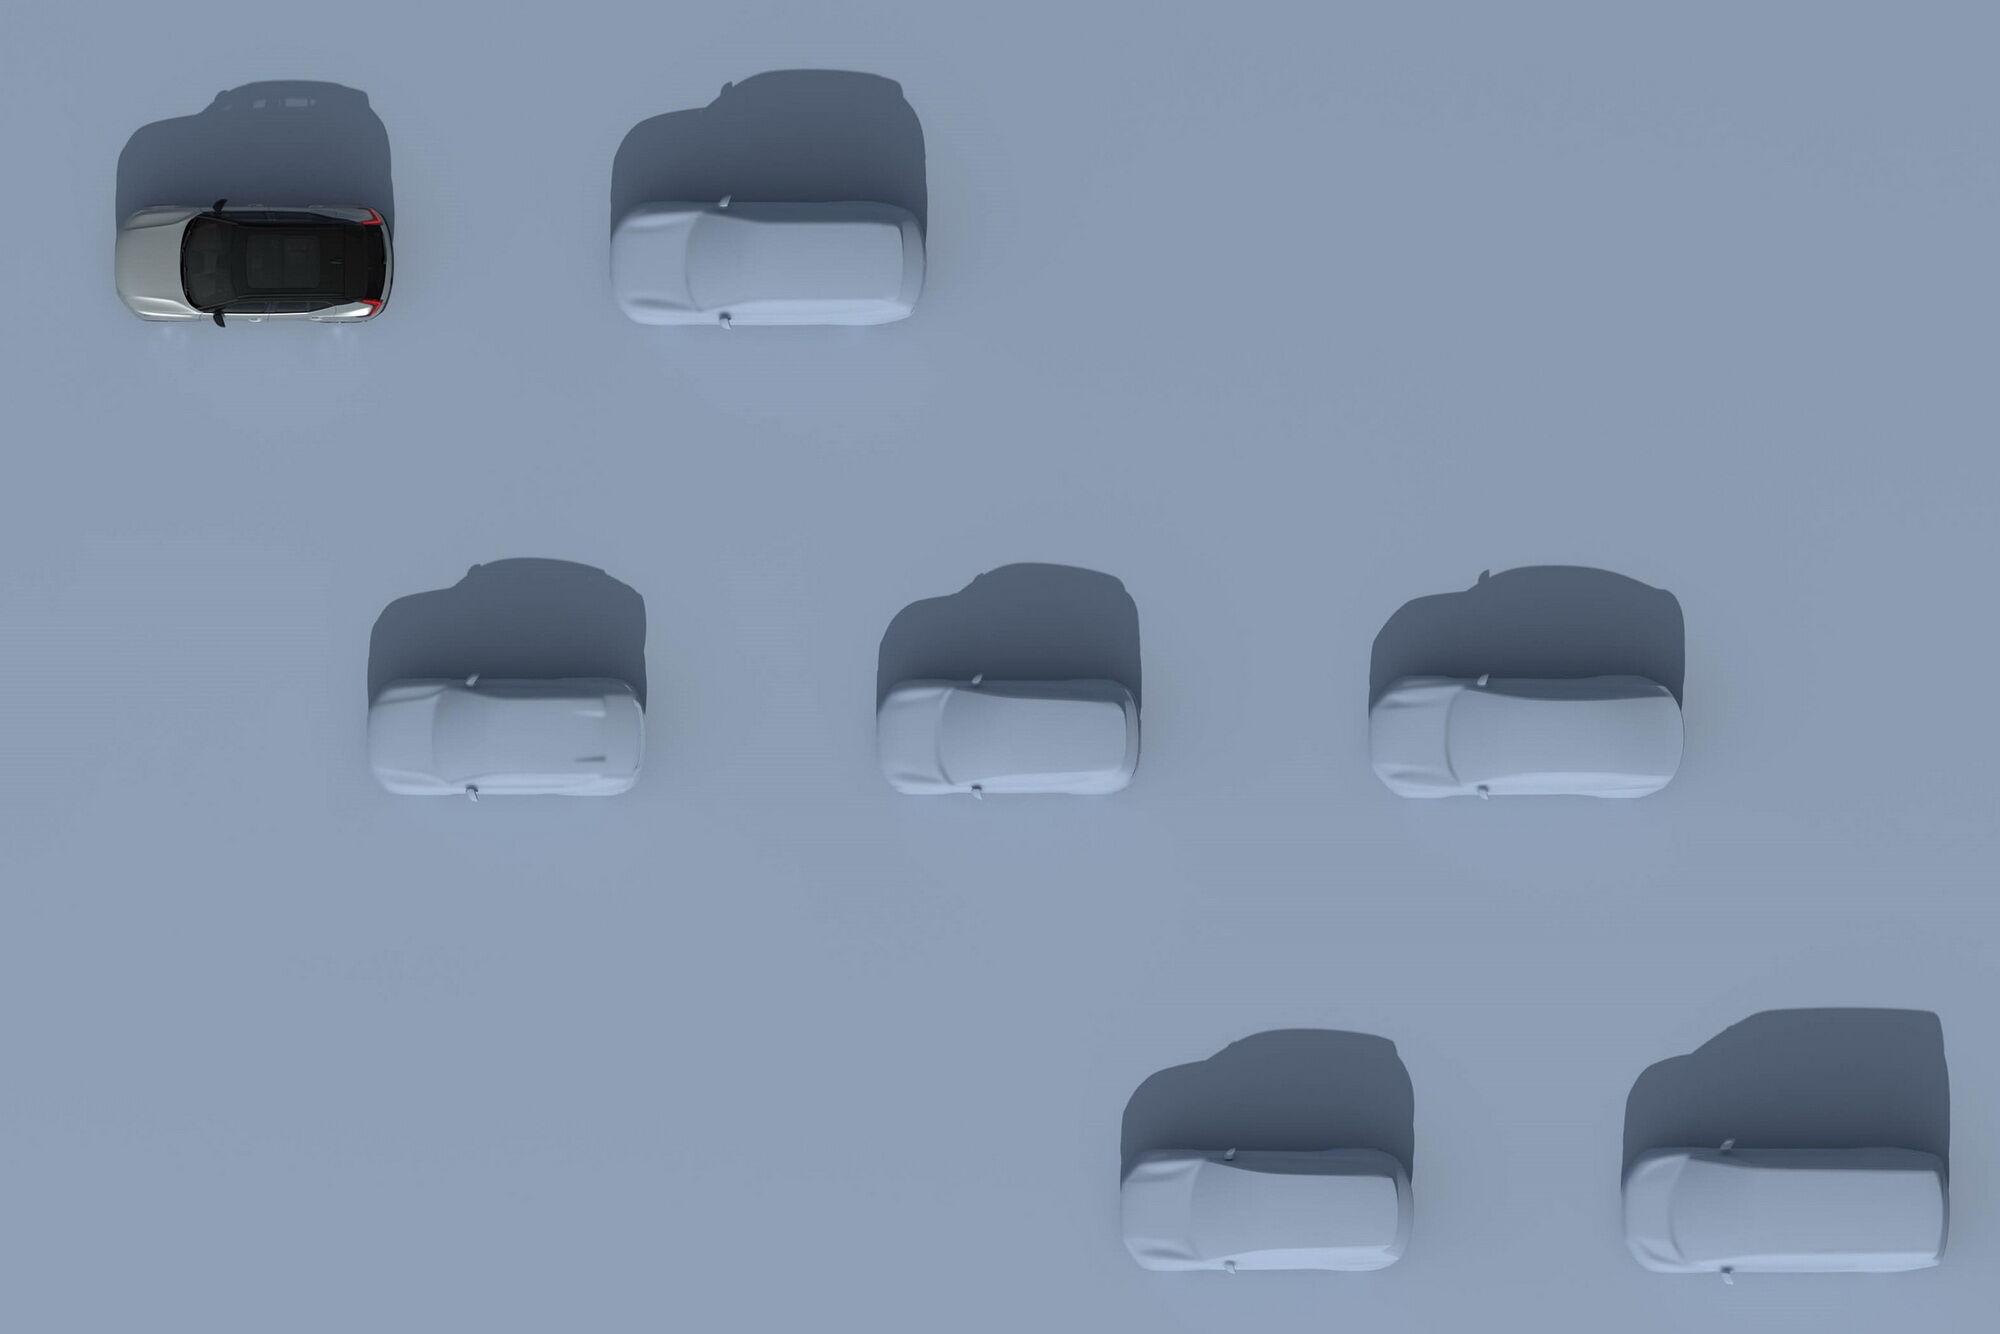 Volvo має намір повністю перейти на випуск електромобілів до 2030 року